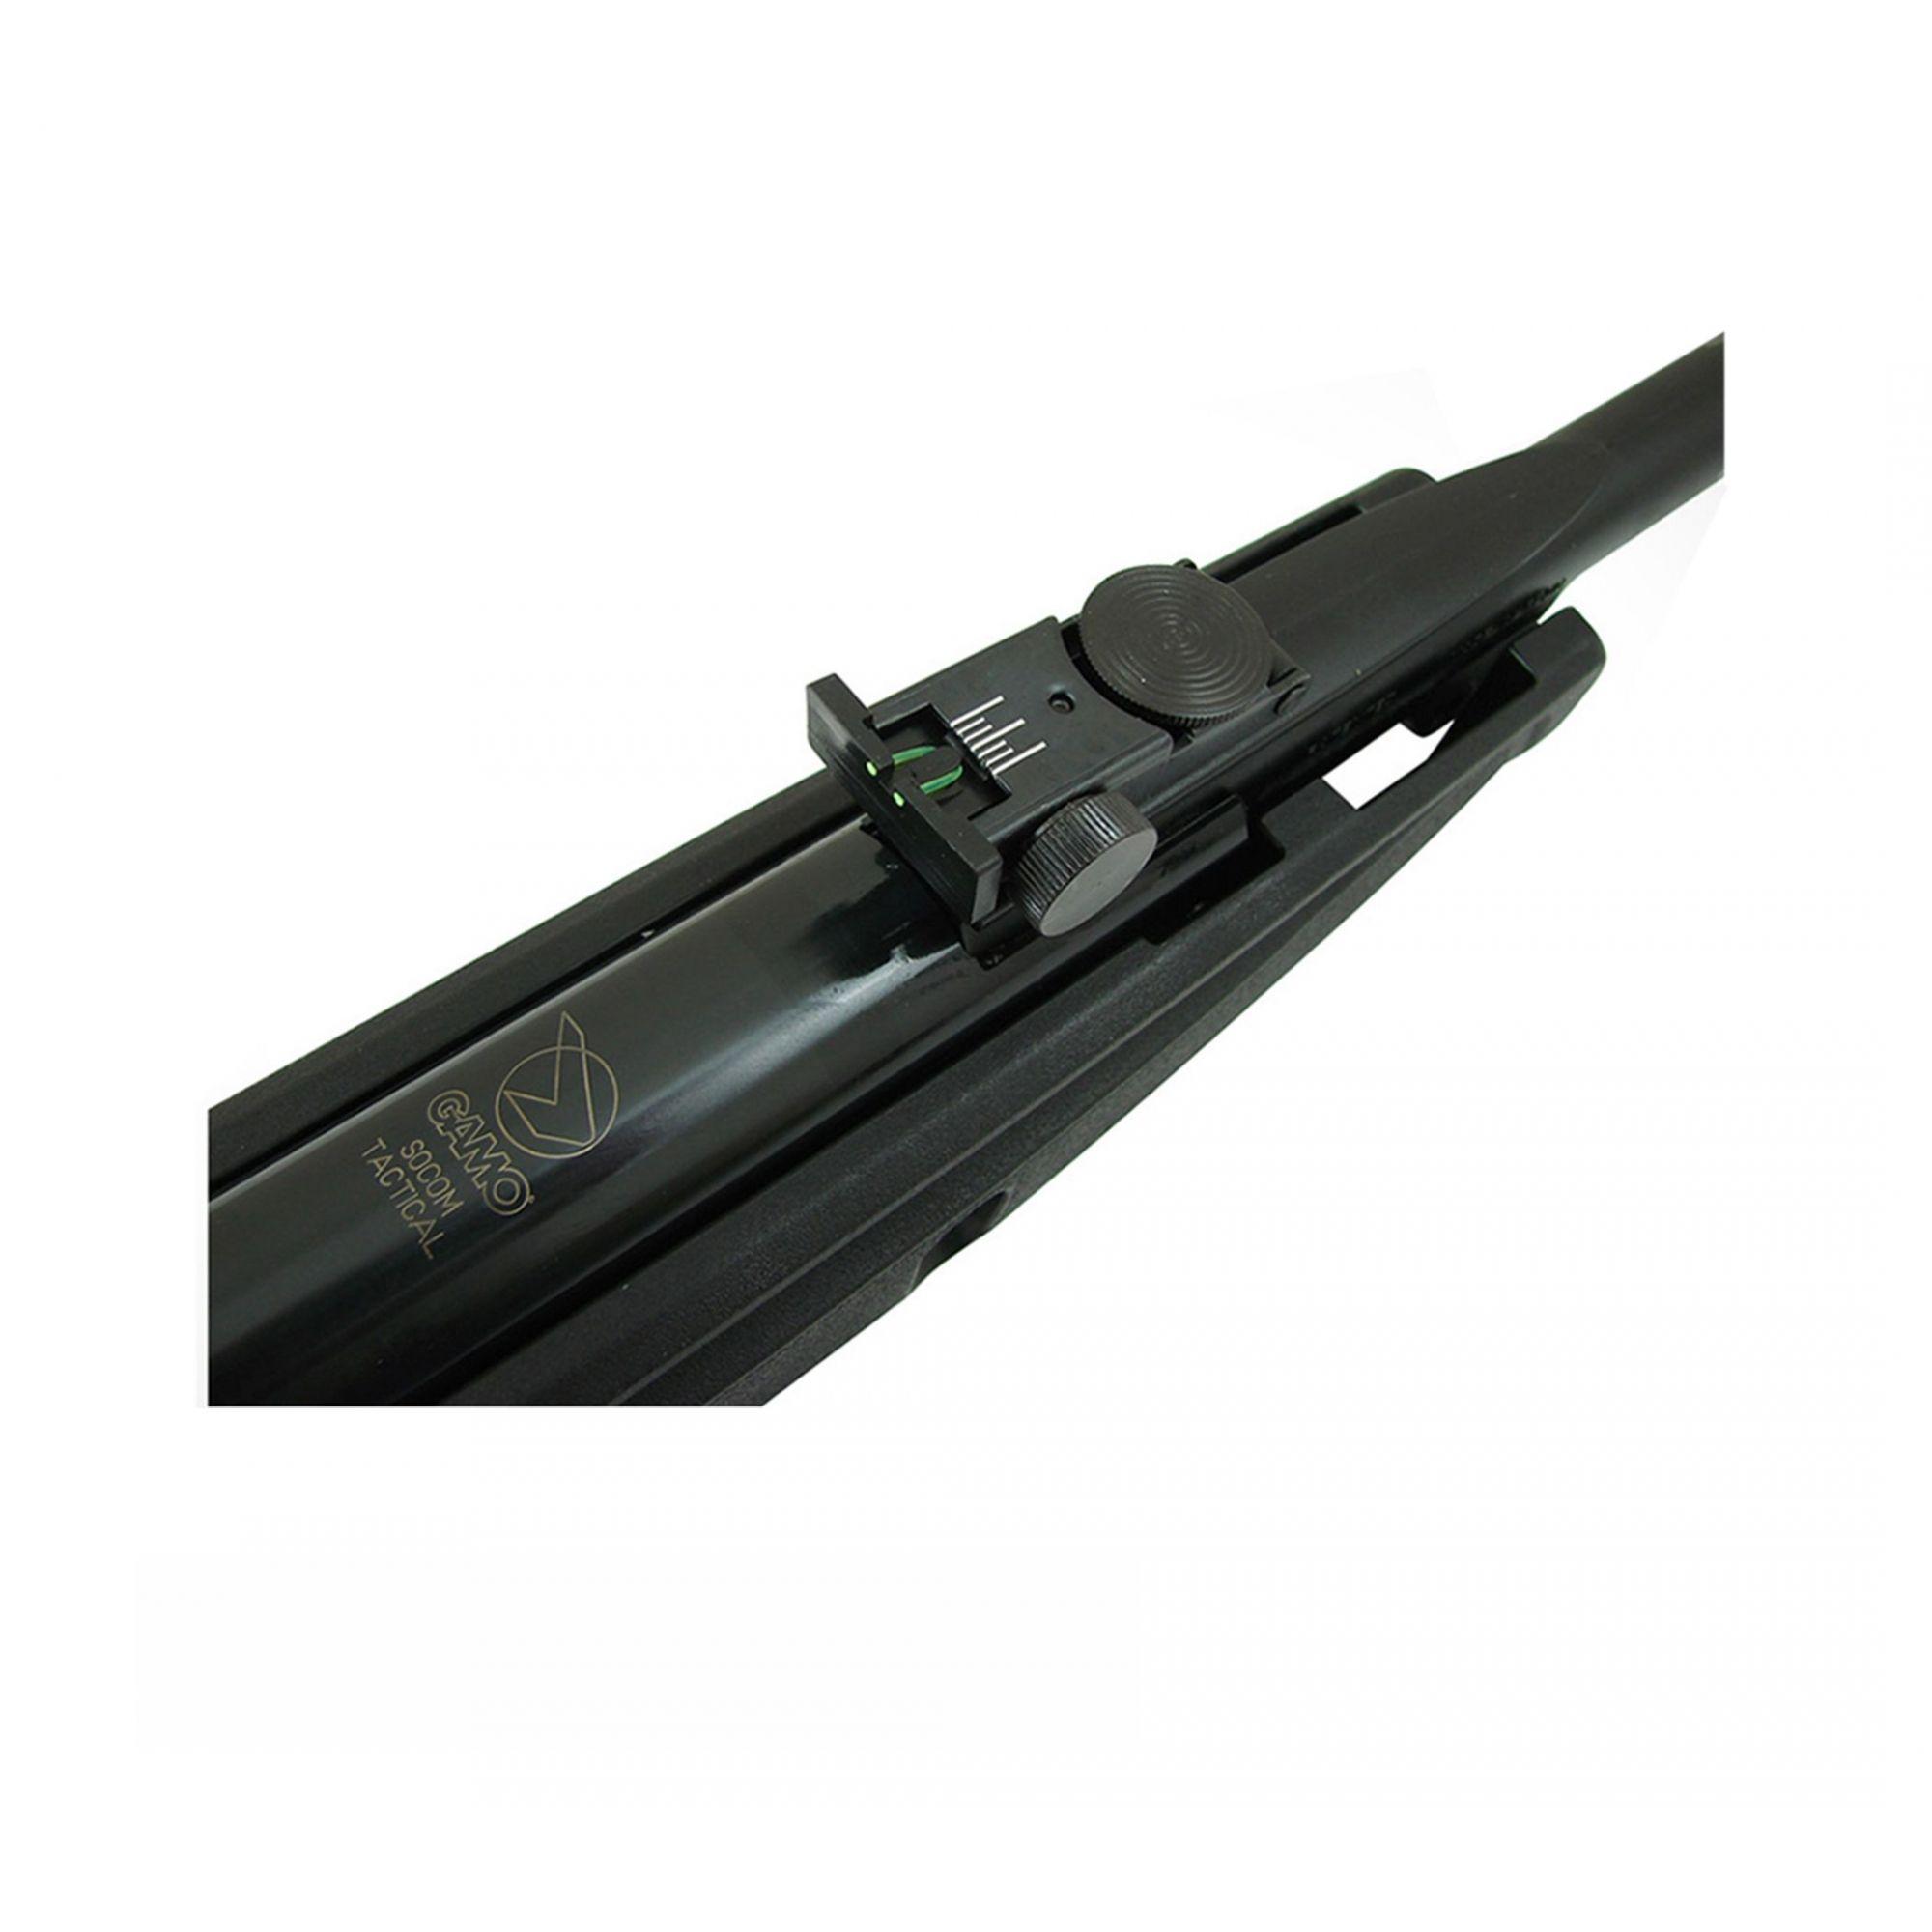 Carabina de Pressão Gamo Socom 1000 Tactical 5,5mm